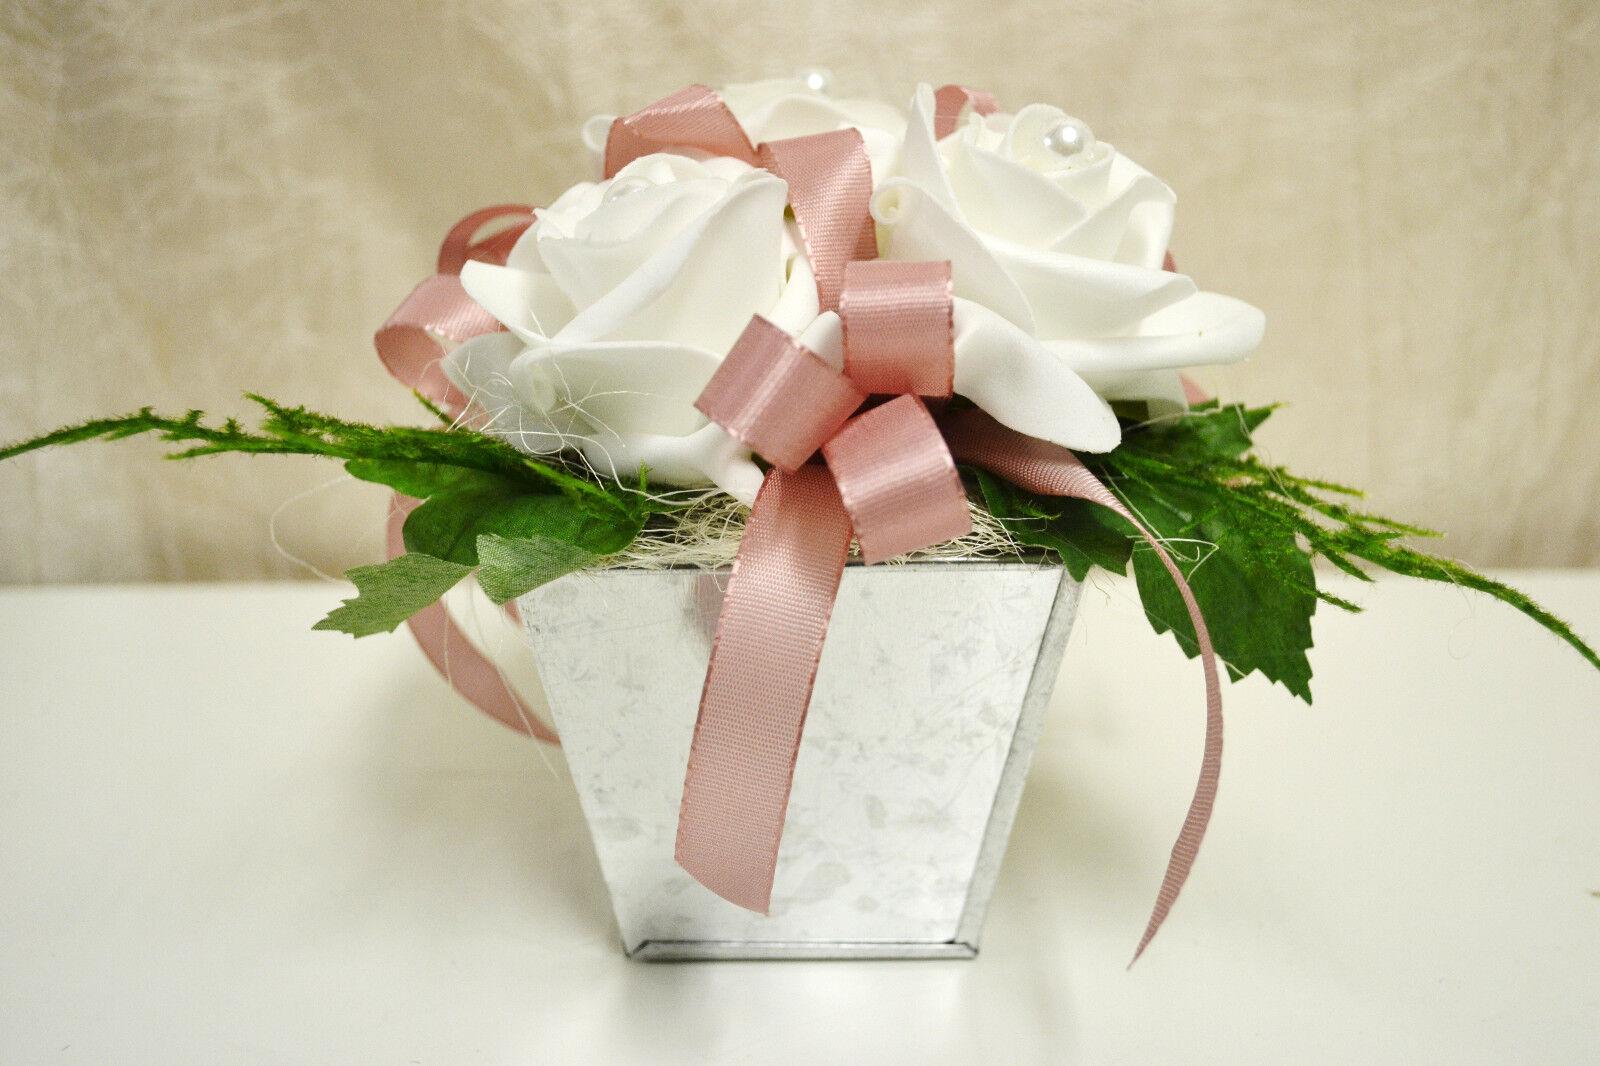 tischdeko wei rosa kunstblumen blumen gesteck hochzeit taufe kommunion eur 6 90 picclick de. Black Bedroom Furniture Sets. Home Design Ideas